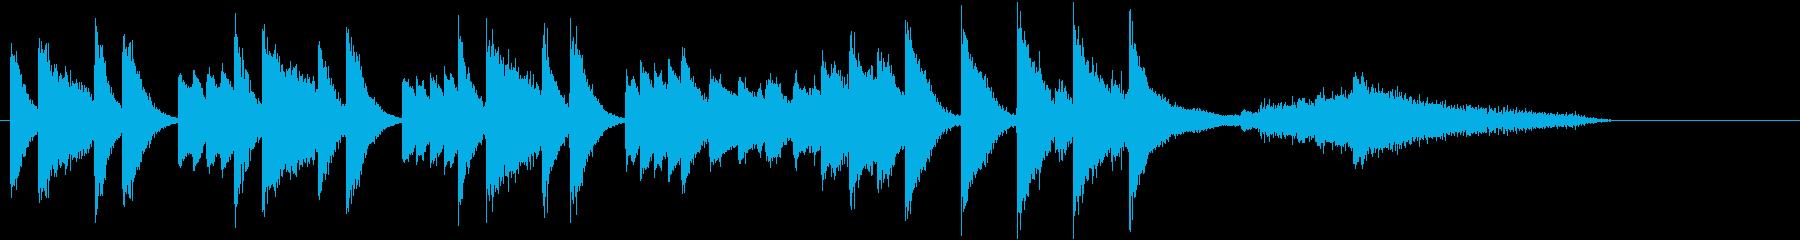 日本&演歌風めでたいお祝いピアノジングルの再生済みの波形